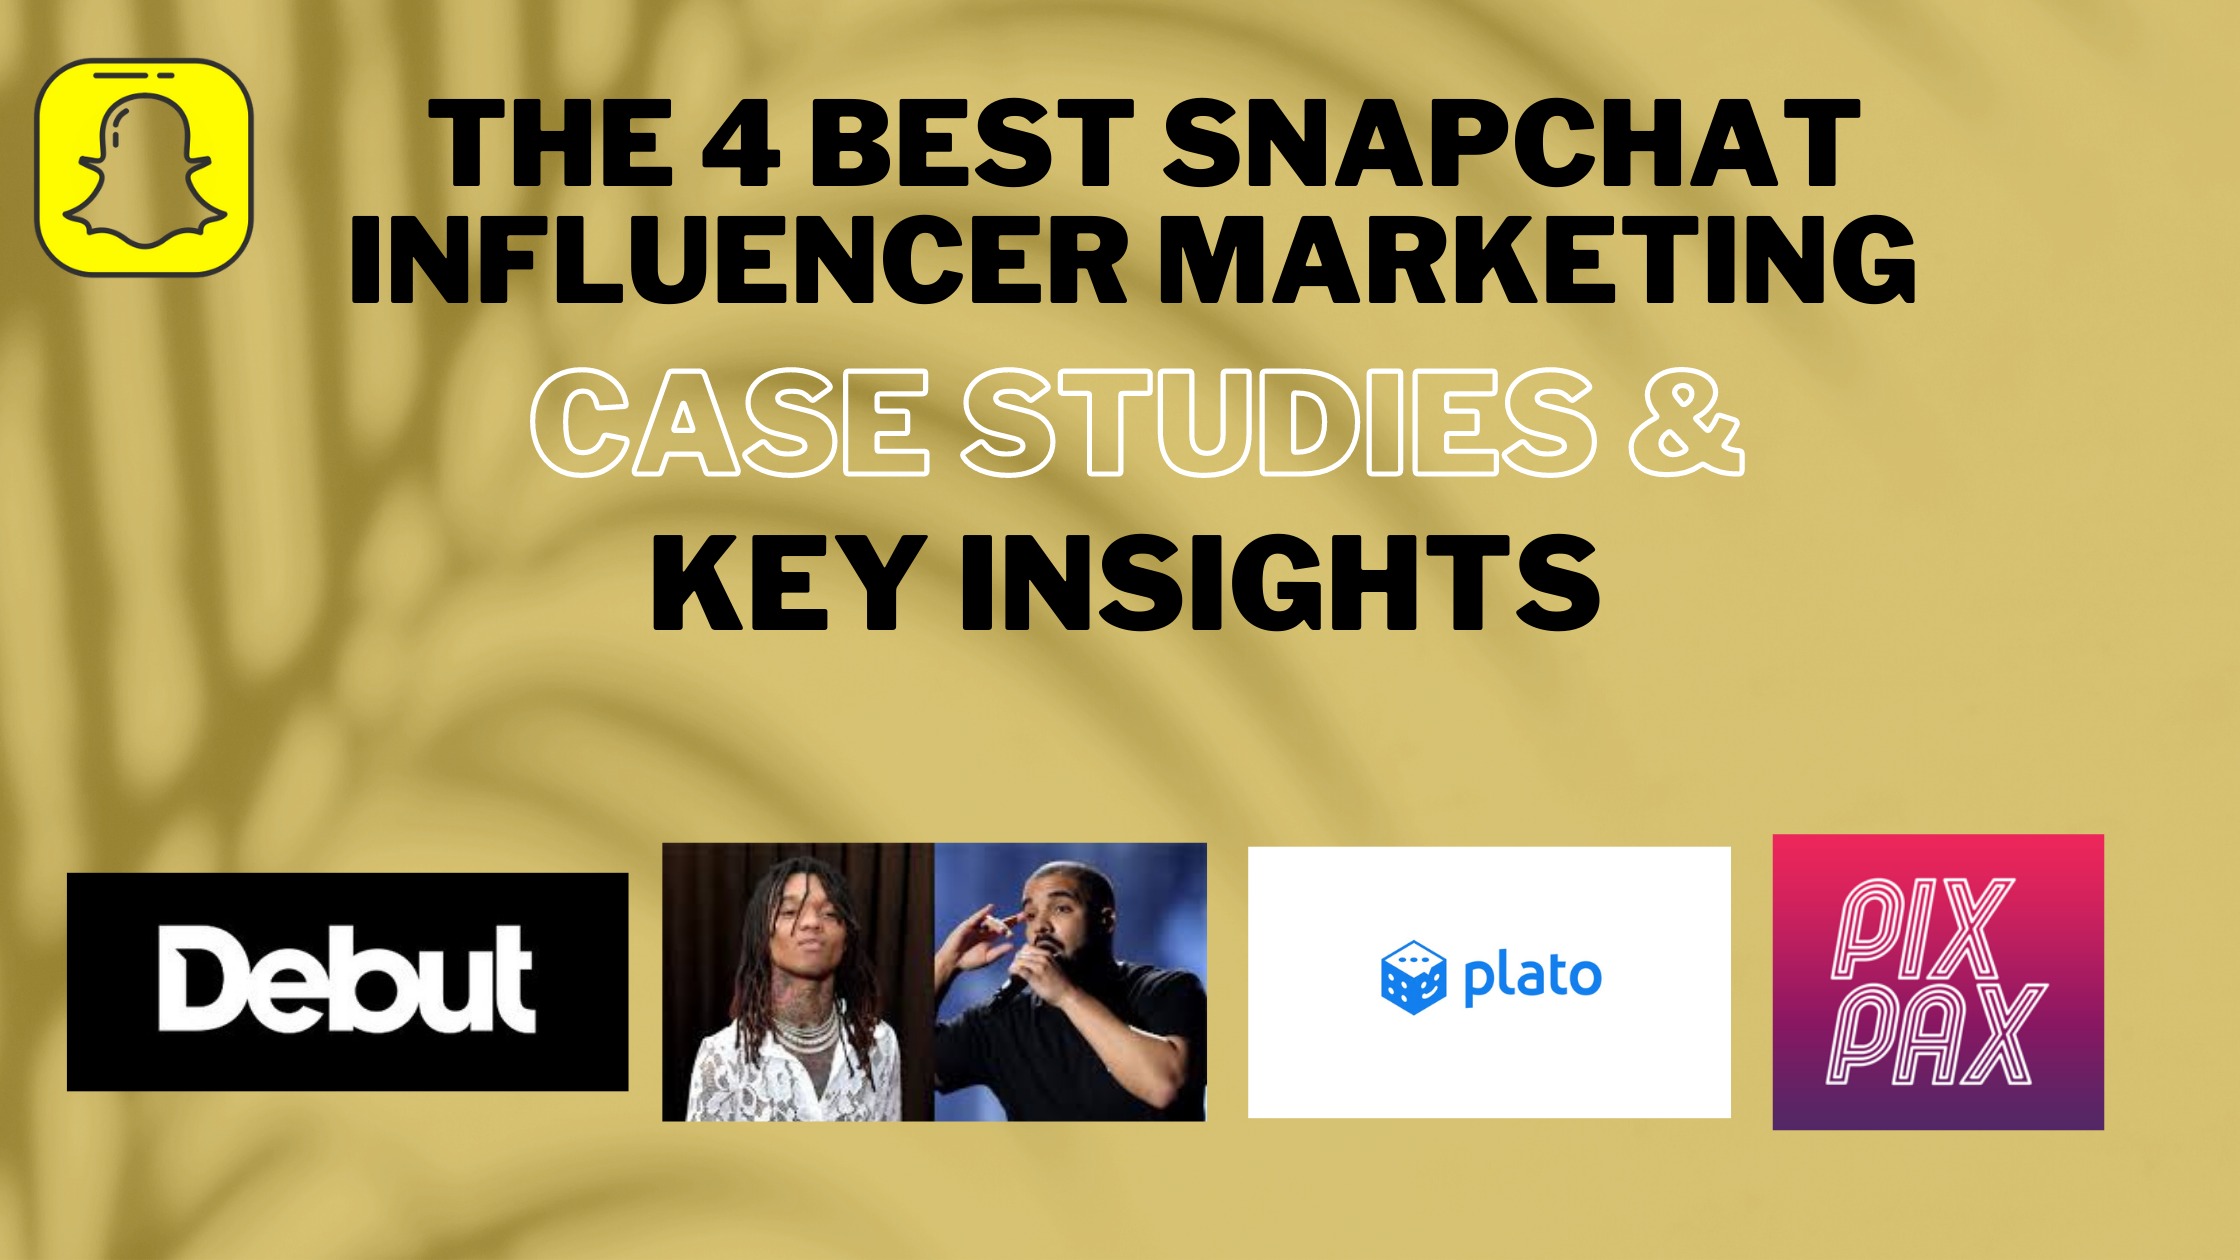 snapchat influencer marketing